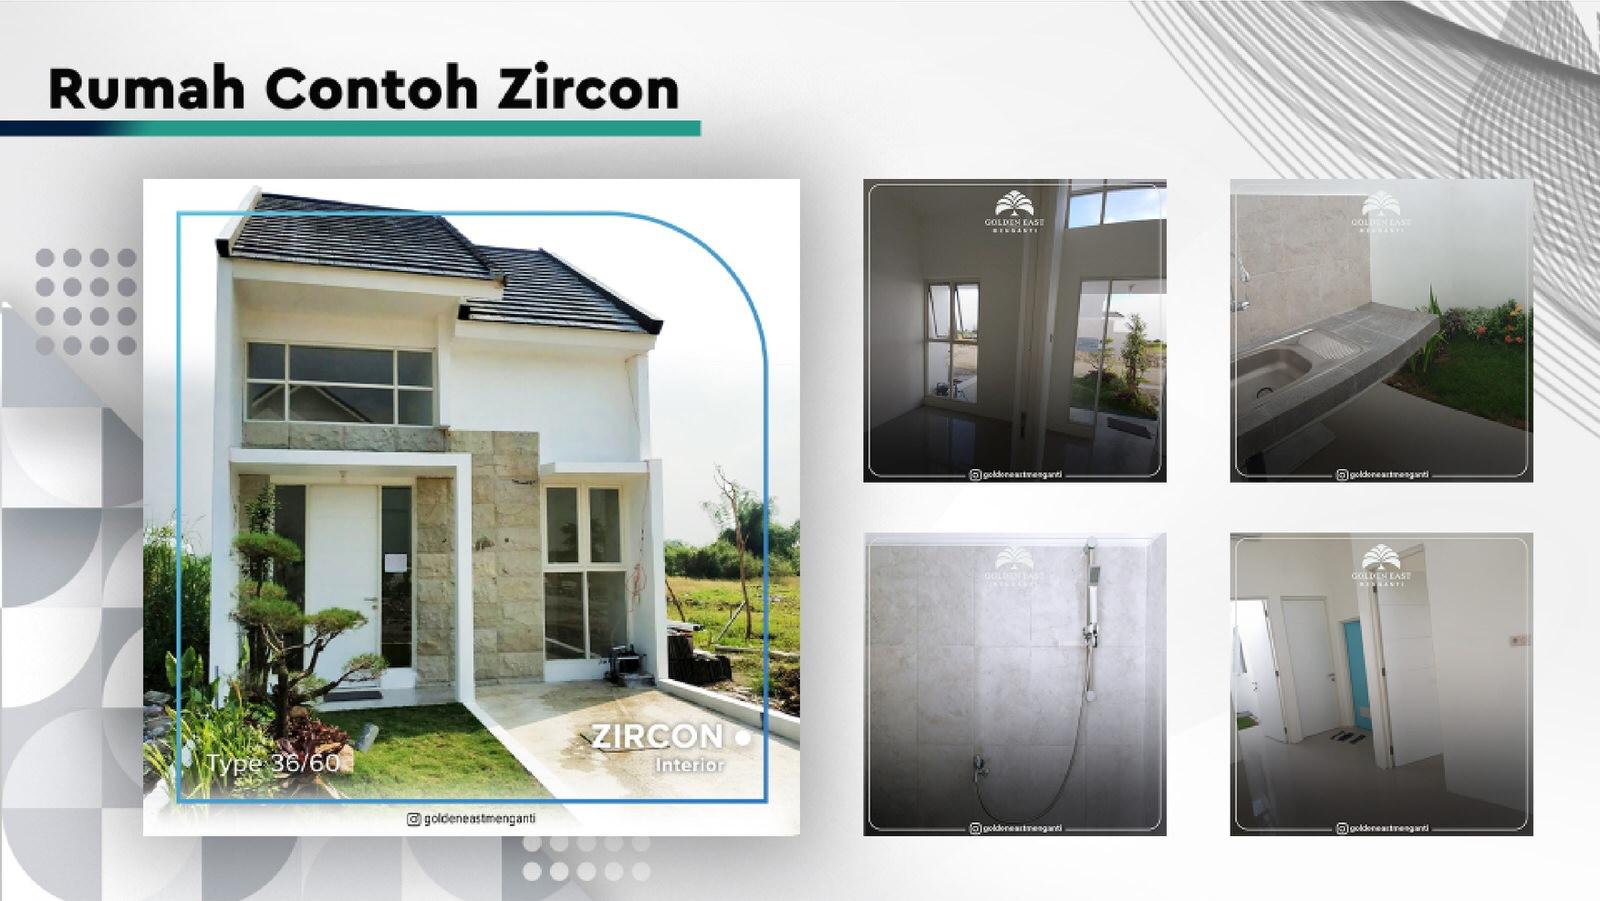 Golden East Menganti Rumah Contoh Zircon